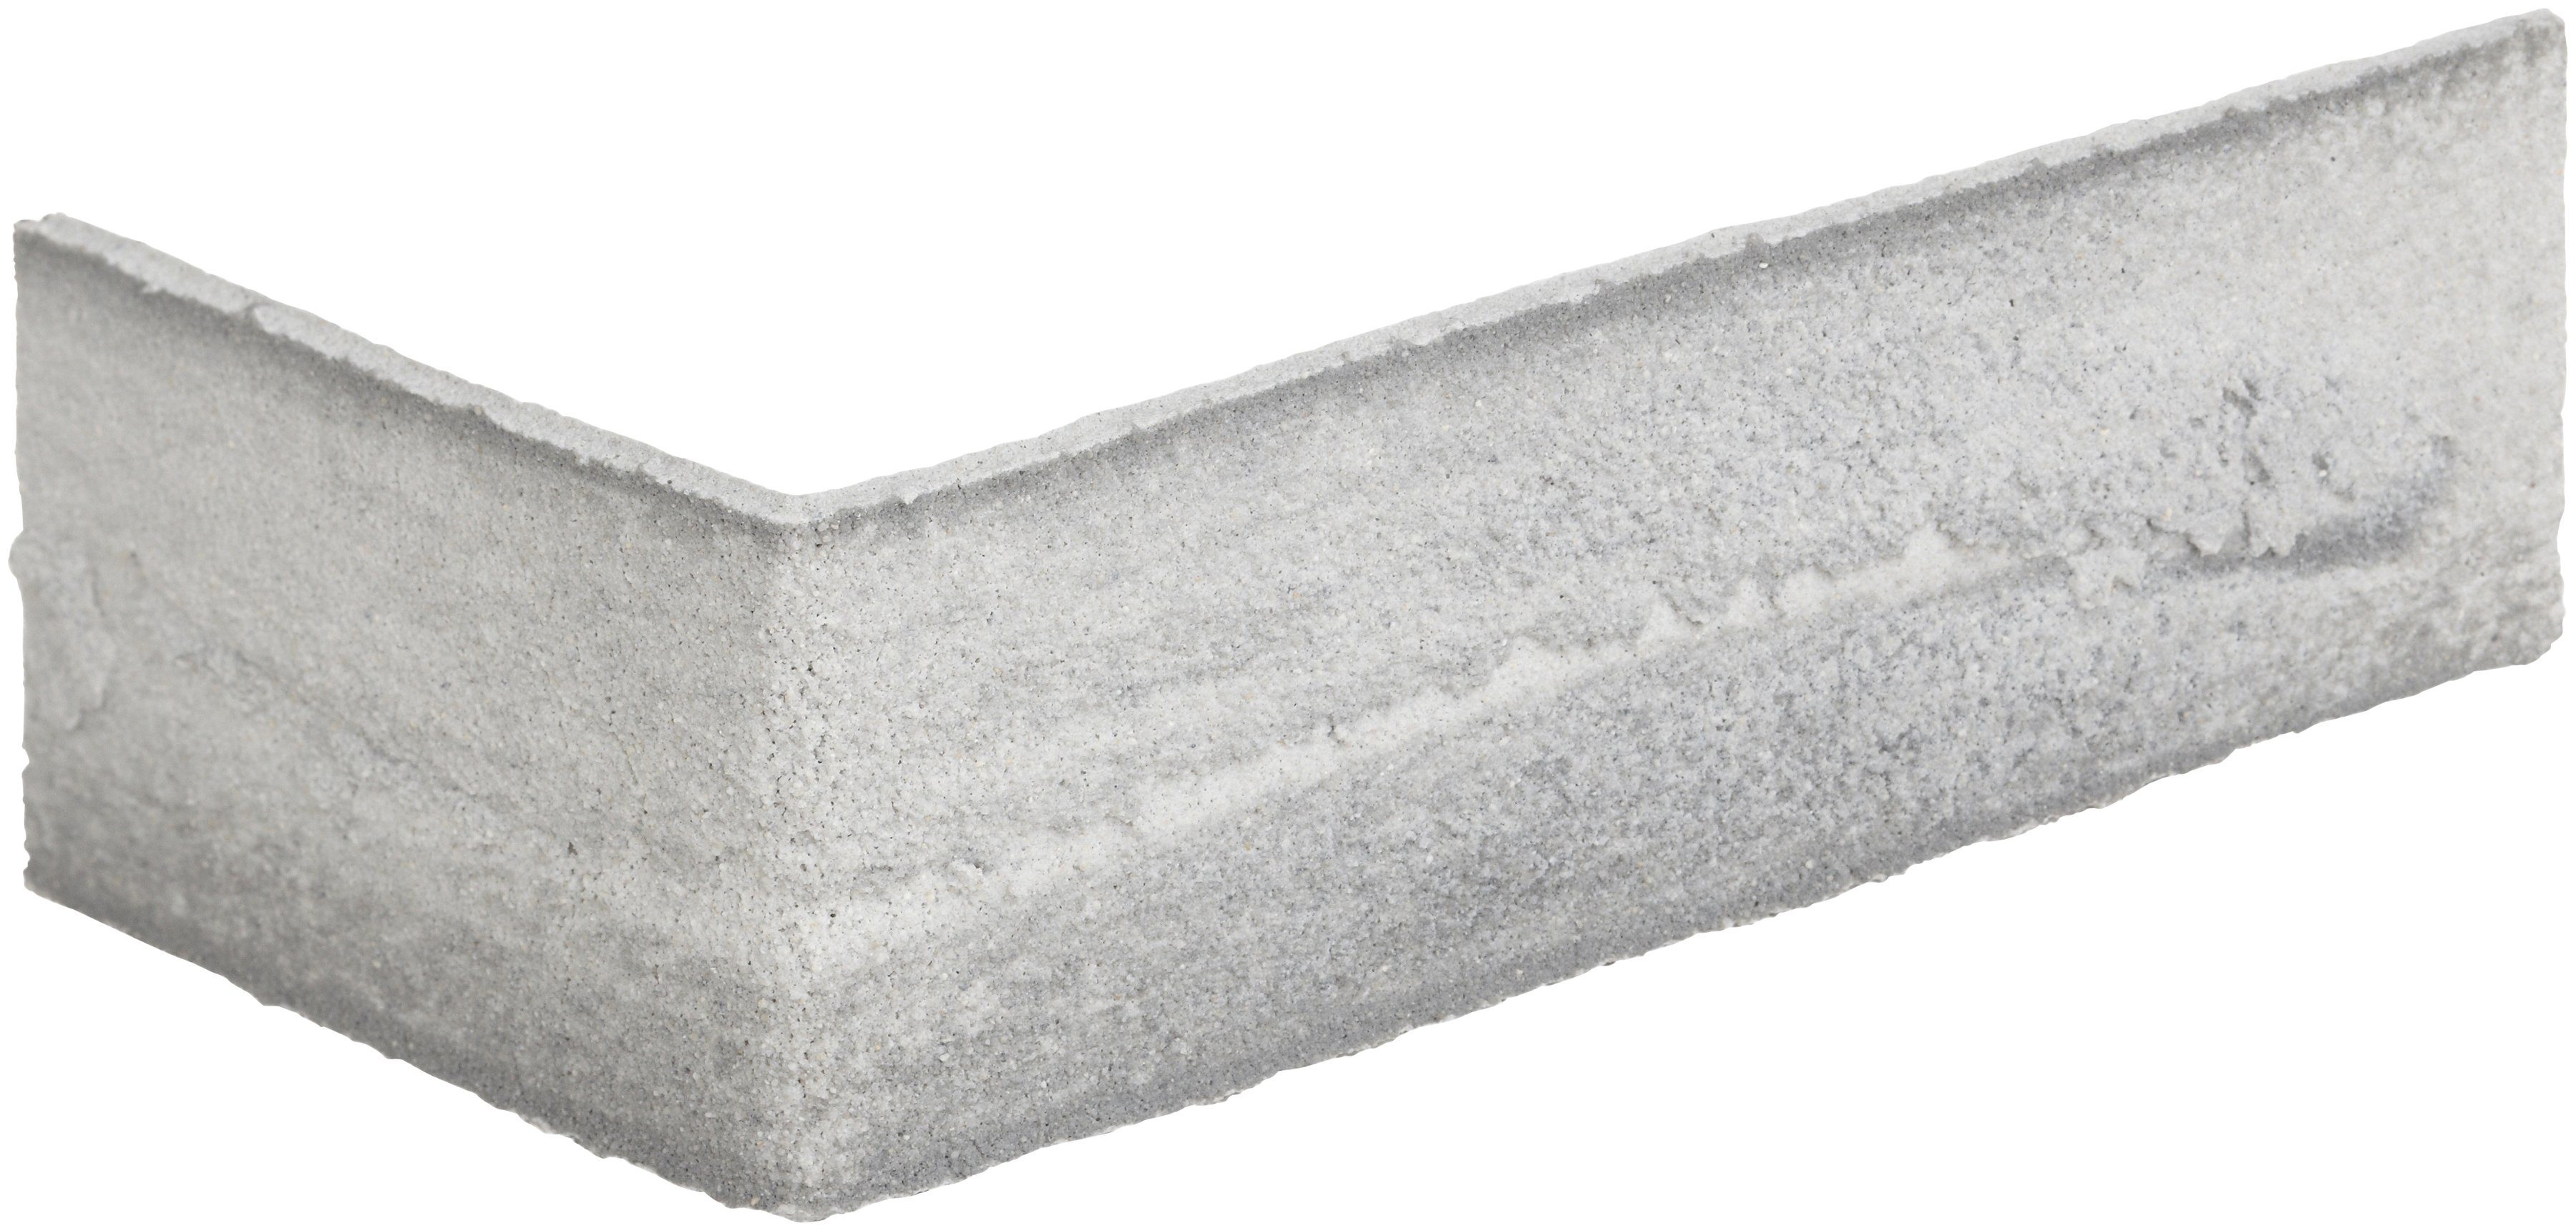 ELASTOLITH Verblender »Nebraska Eckverblender«, grau, für Innen- und Aussenbereich, 2 Lfm